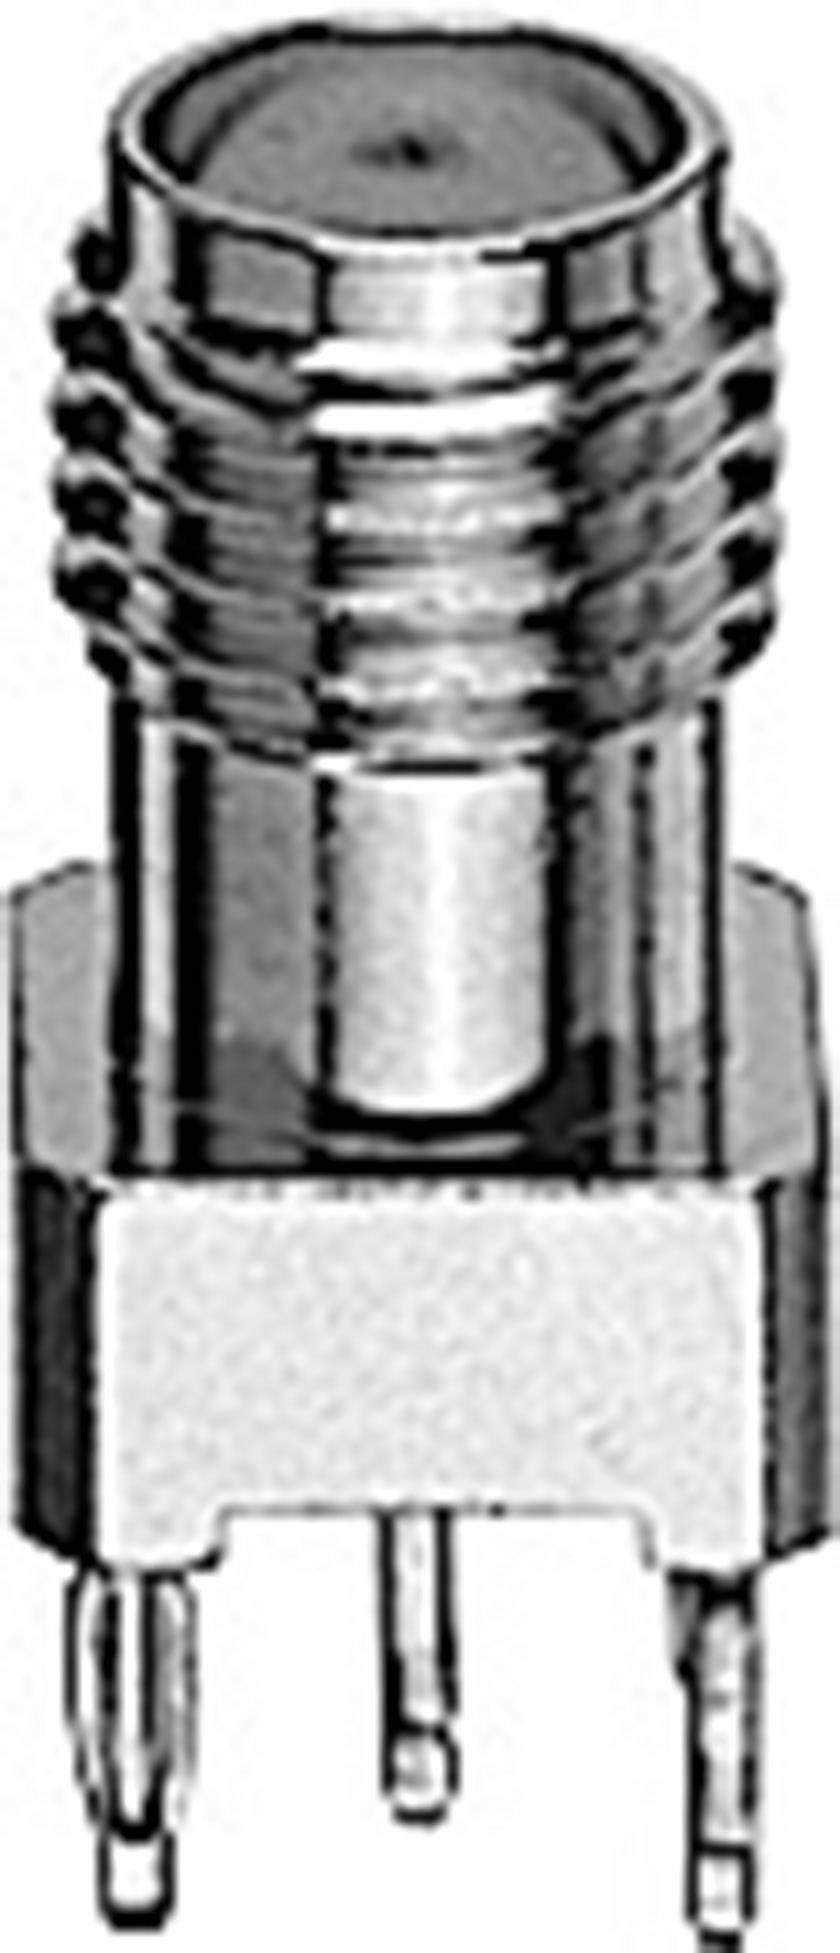 SMA konektor Telegärtner J01151A0331 – zásuvka, vestavná vertikální, 50 Ohm, 1 ks